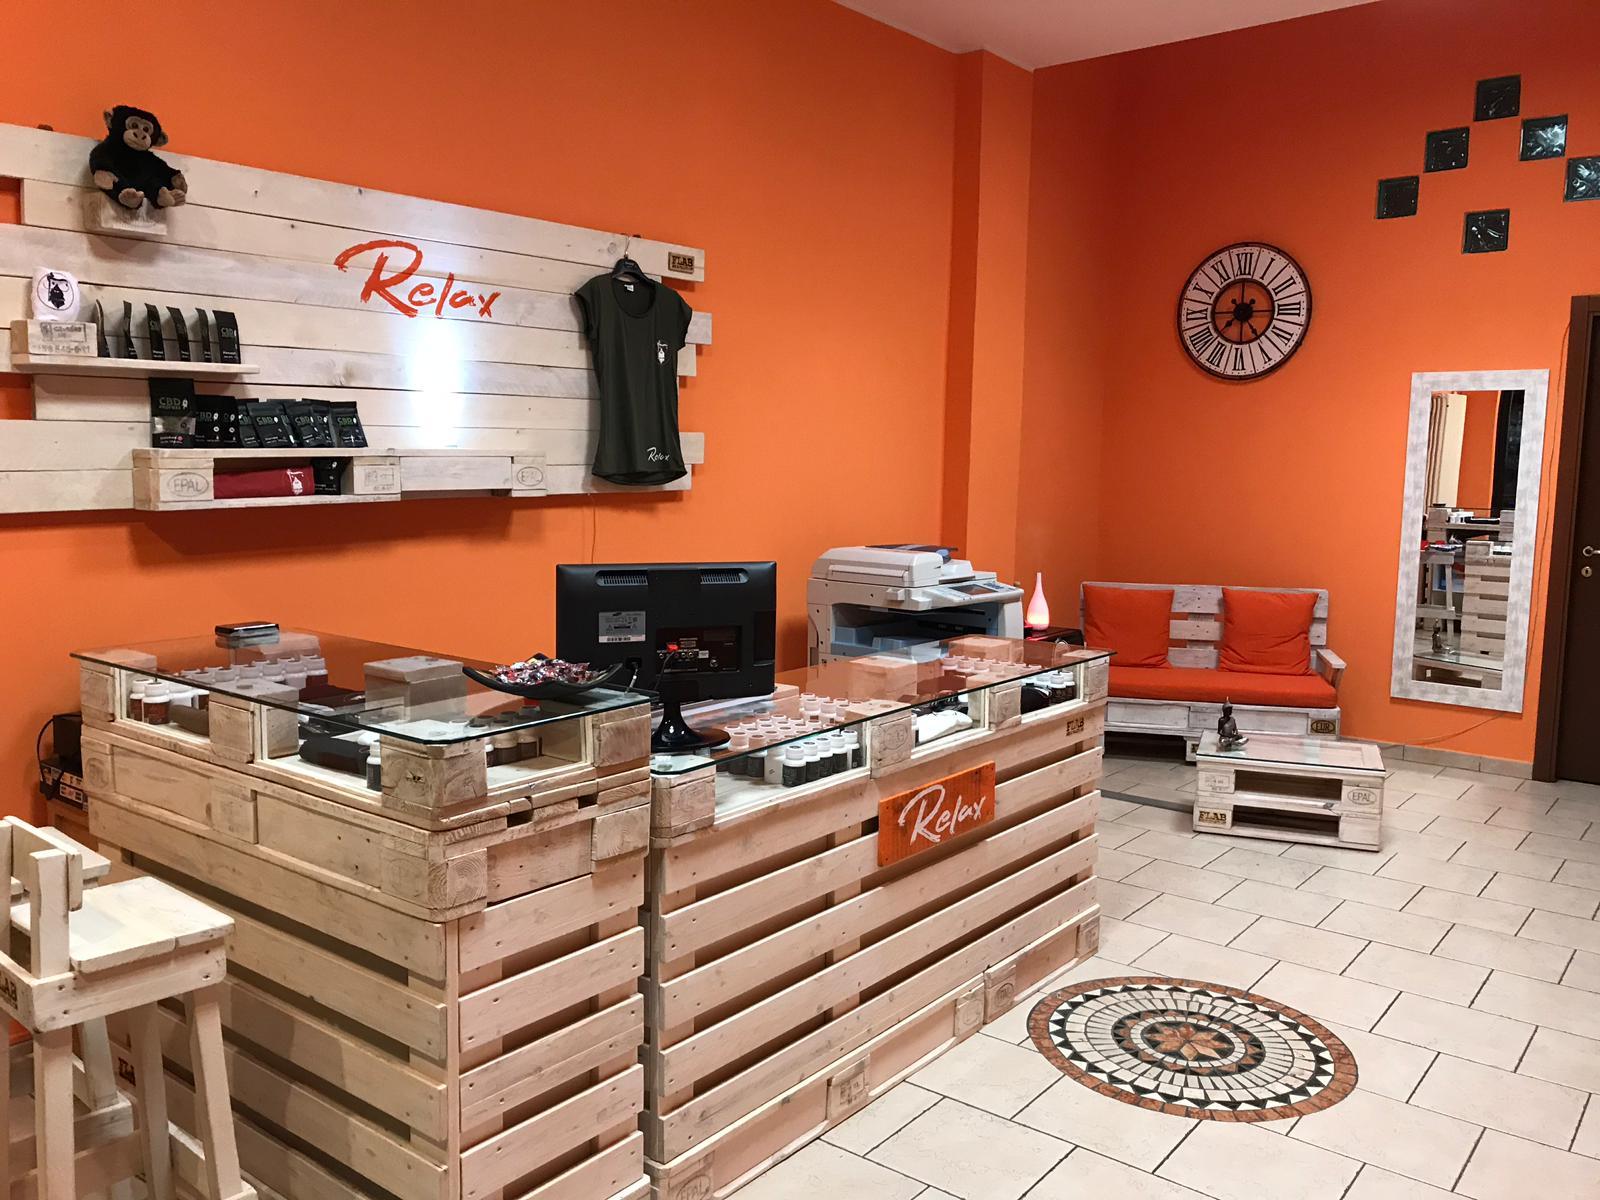 Bar Arredati Con Pallet arredamento in pallet per negozi e uffici | flab arredo pallet